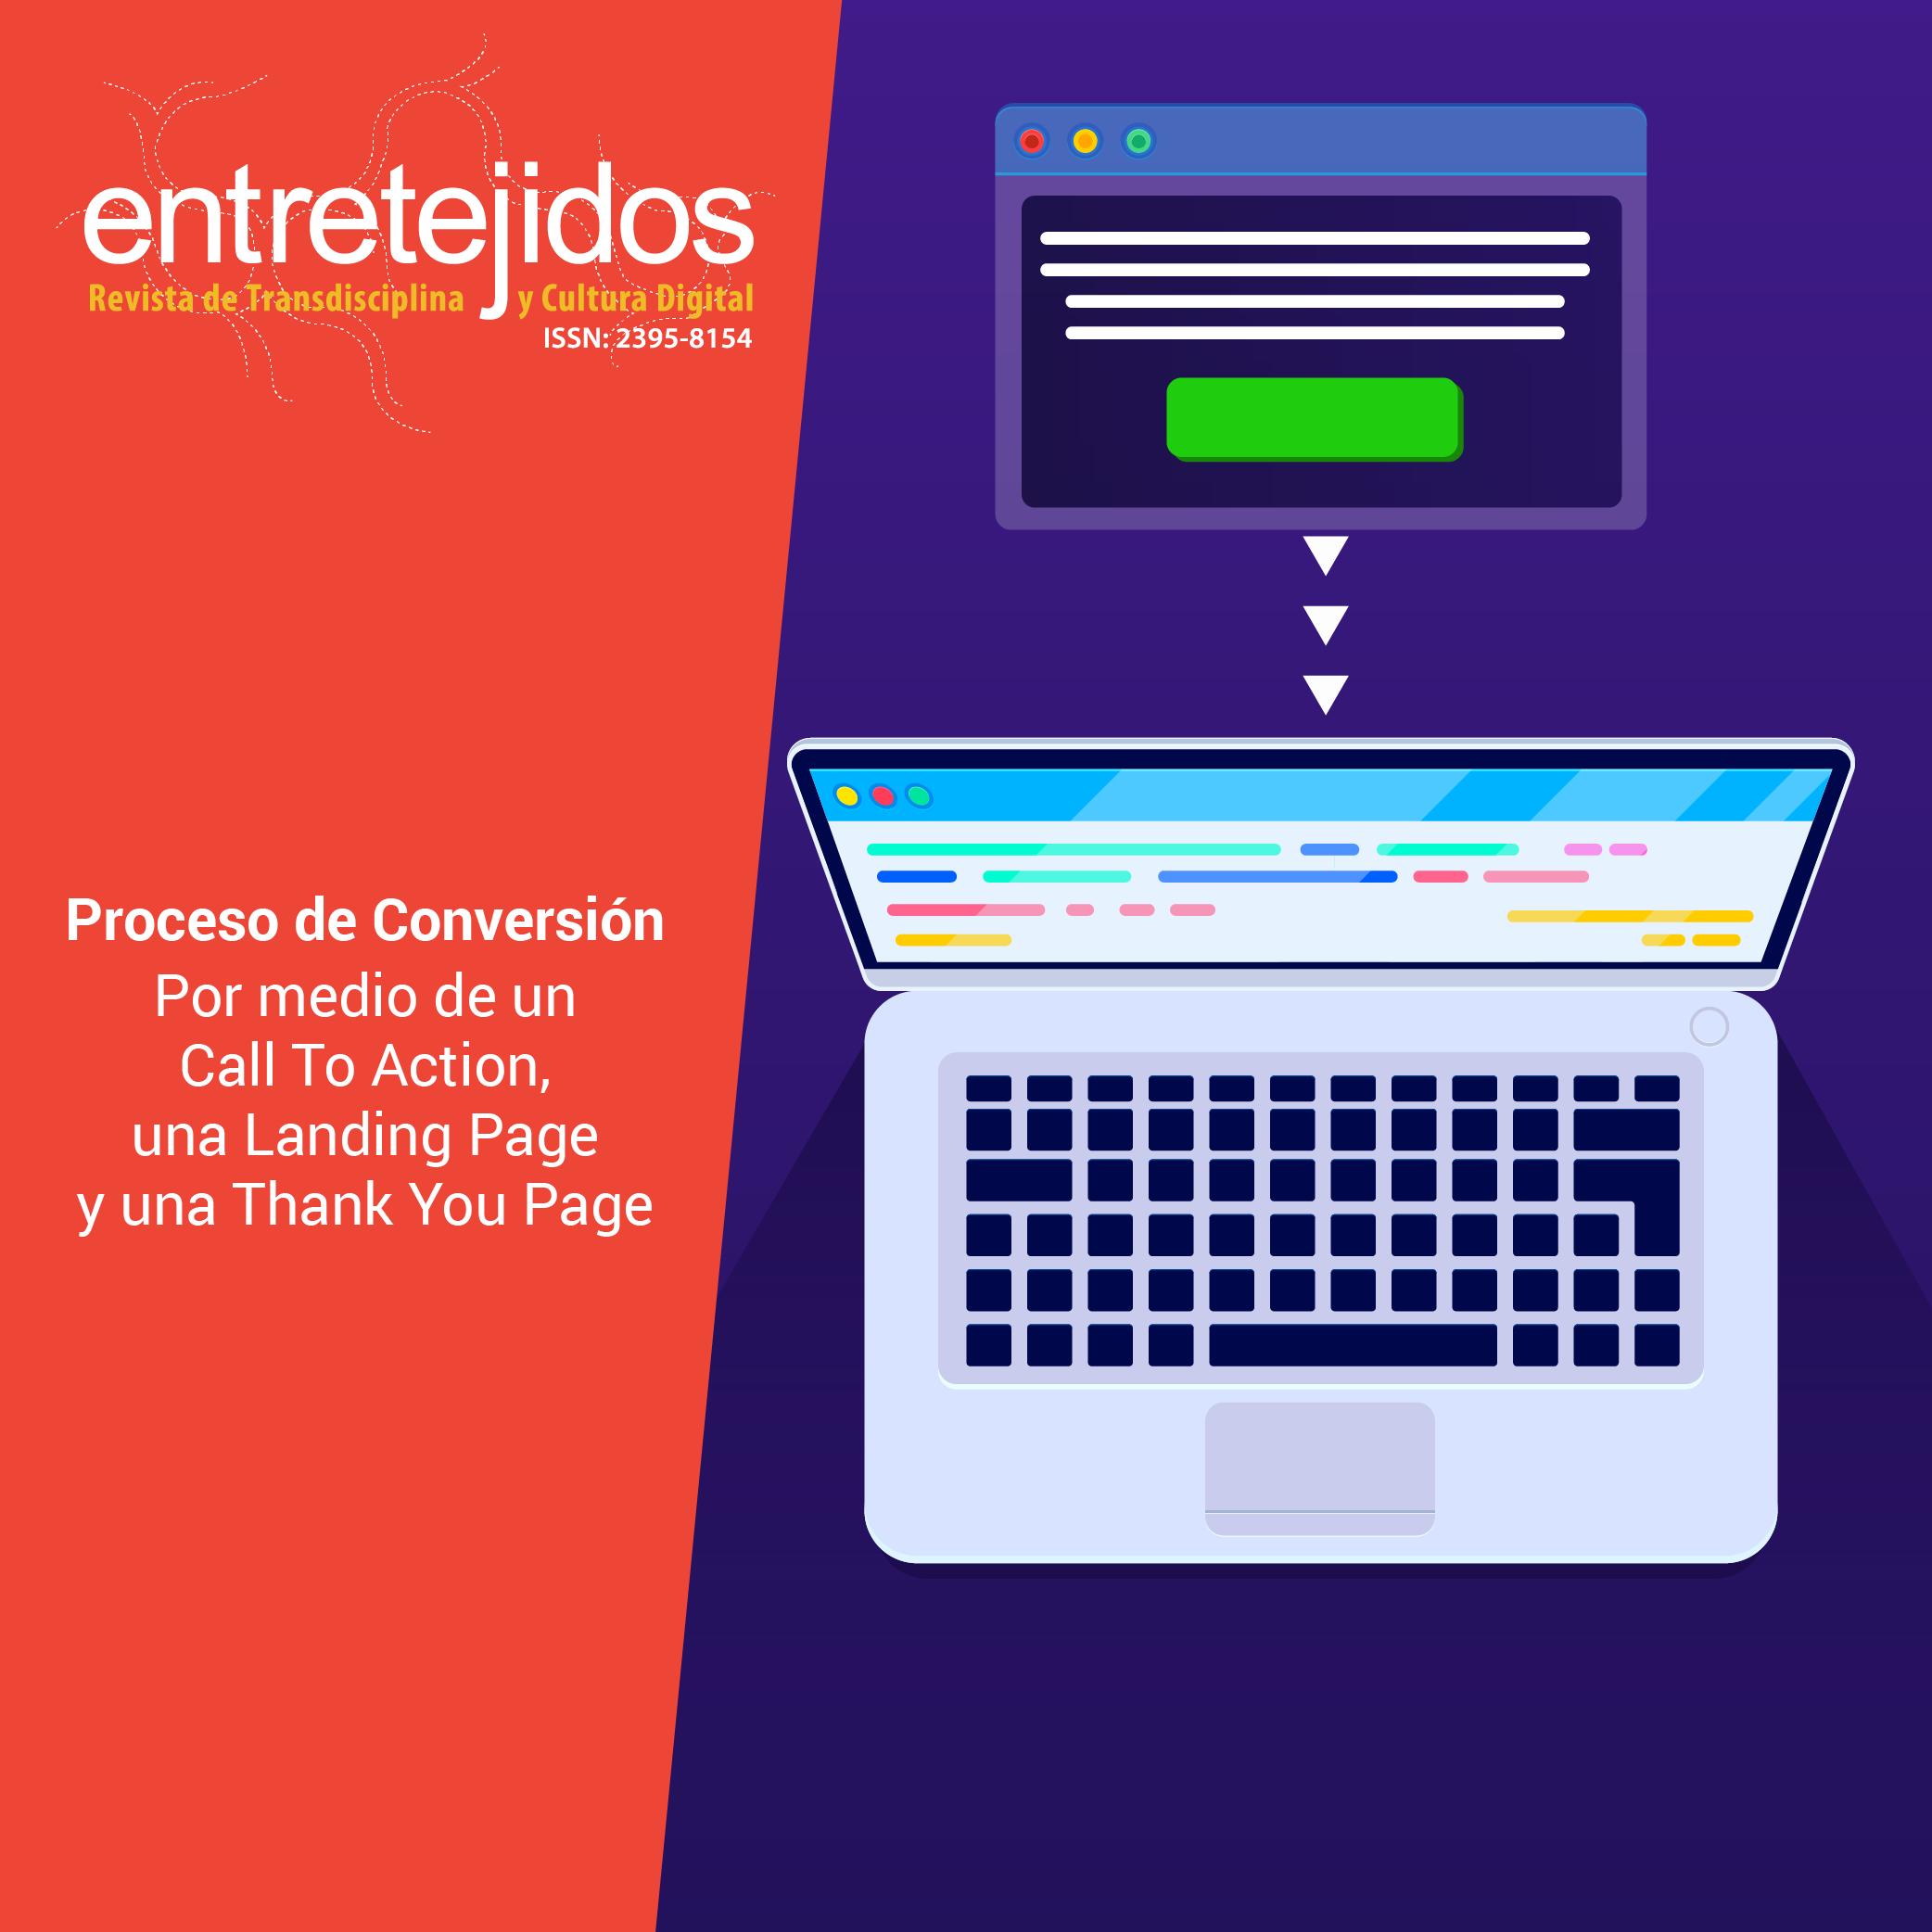 Proceso de conversión por medio de un call to action, una landing page y una thank you page